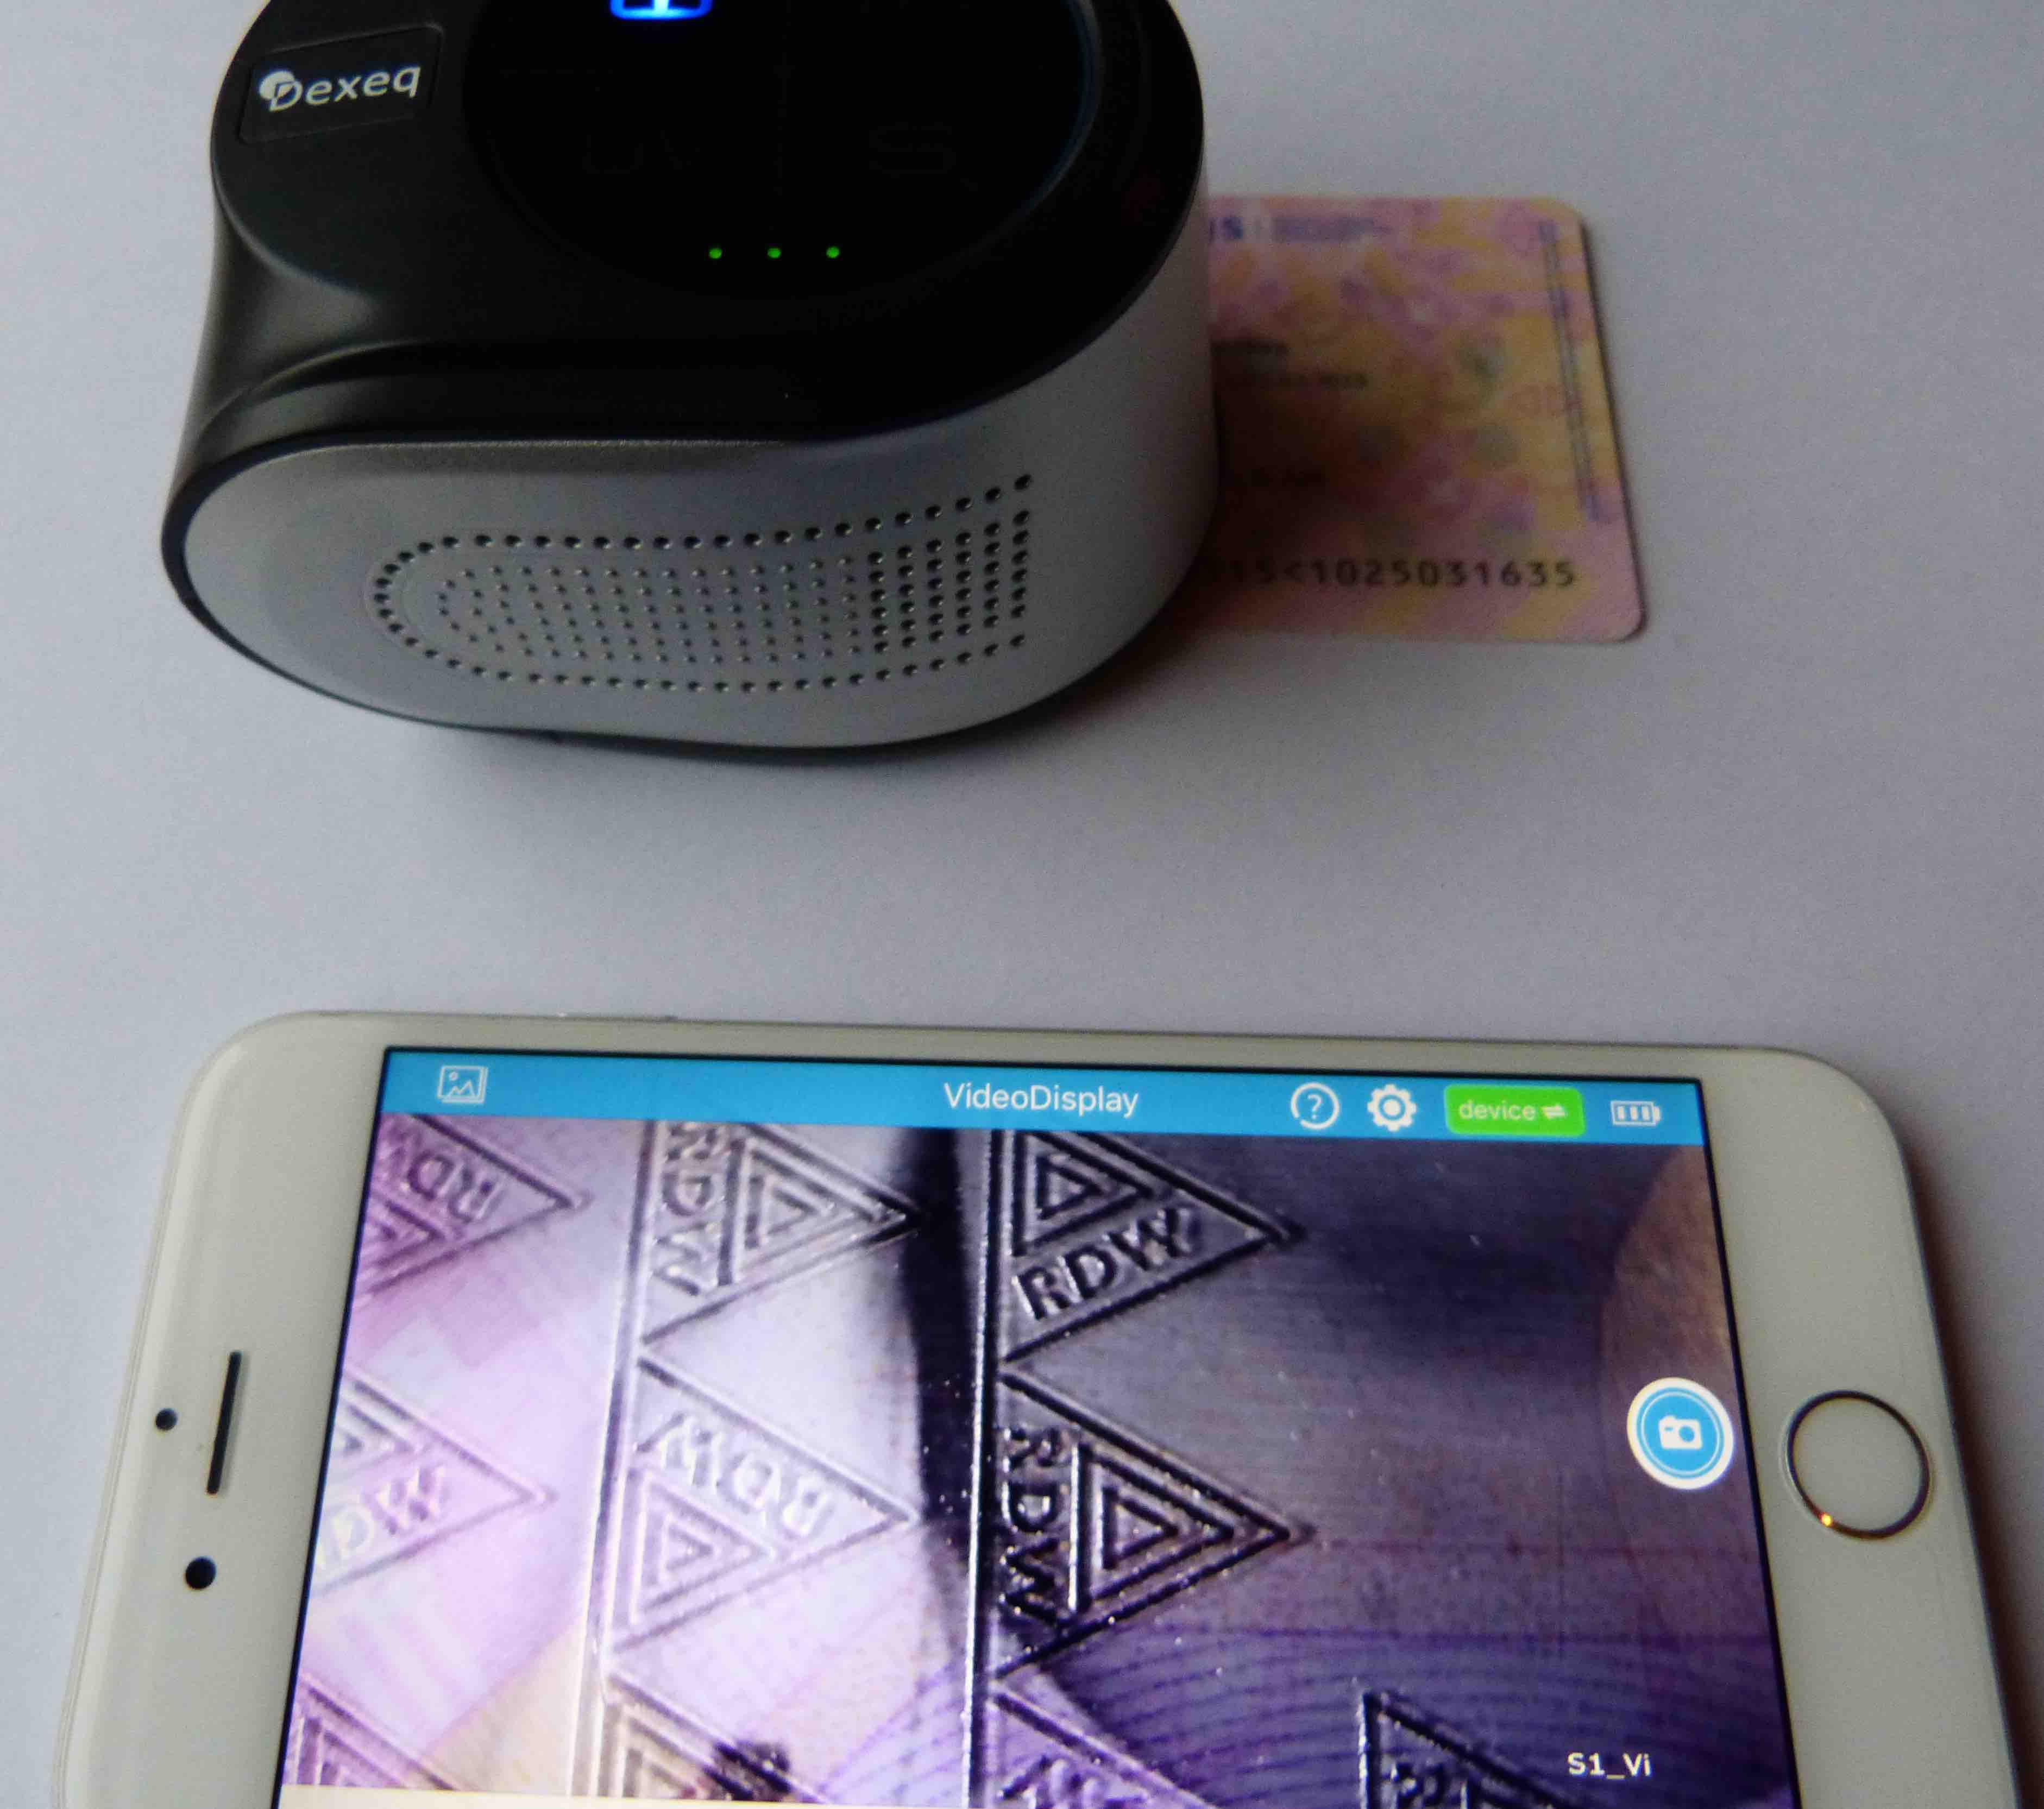 Dexeq Video Phone Inspector